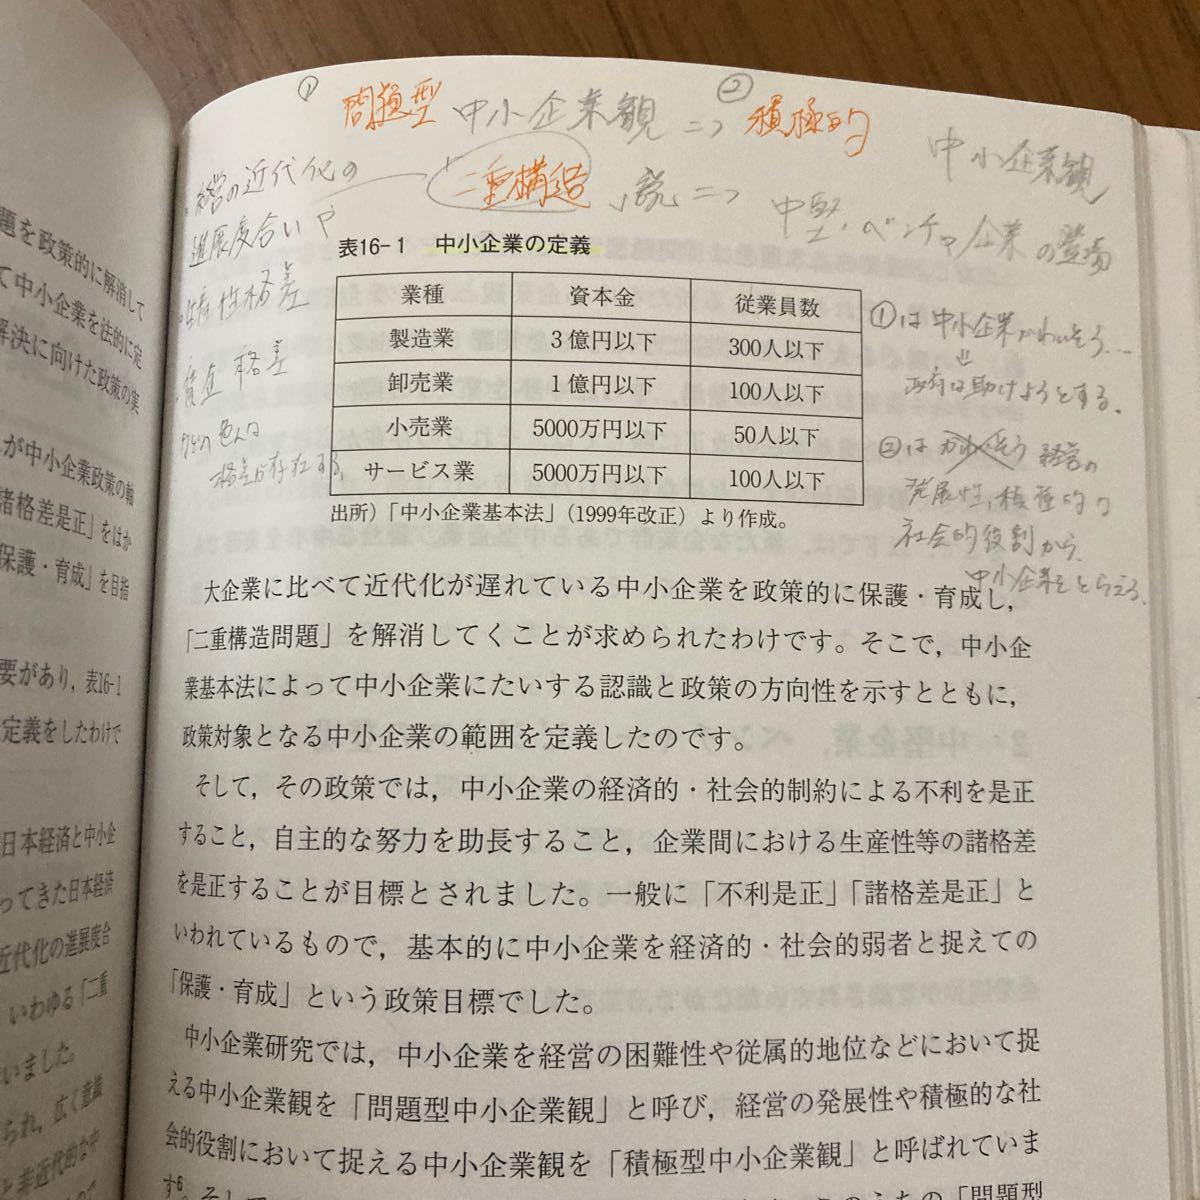 経営学への扉 フレッシュマンのためのガイドブック/明治大学経営学研究会